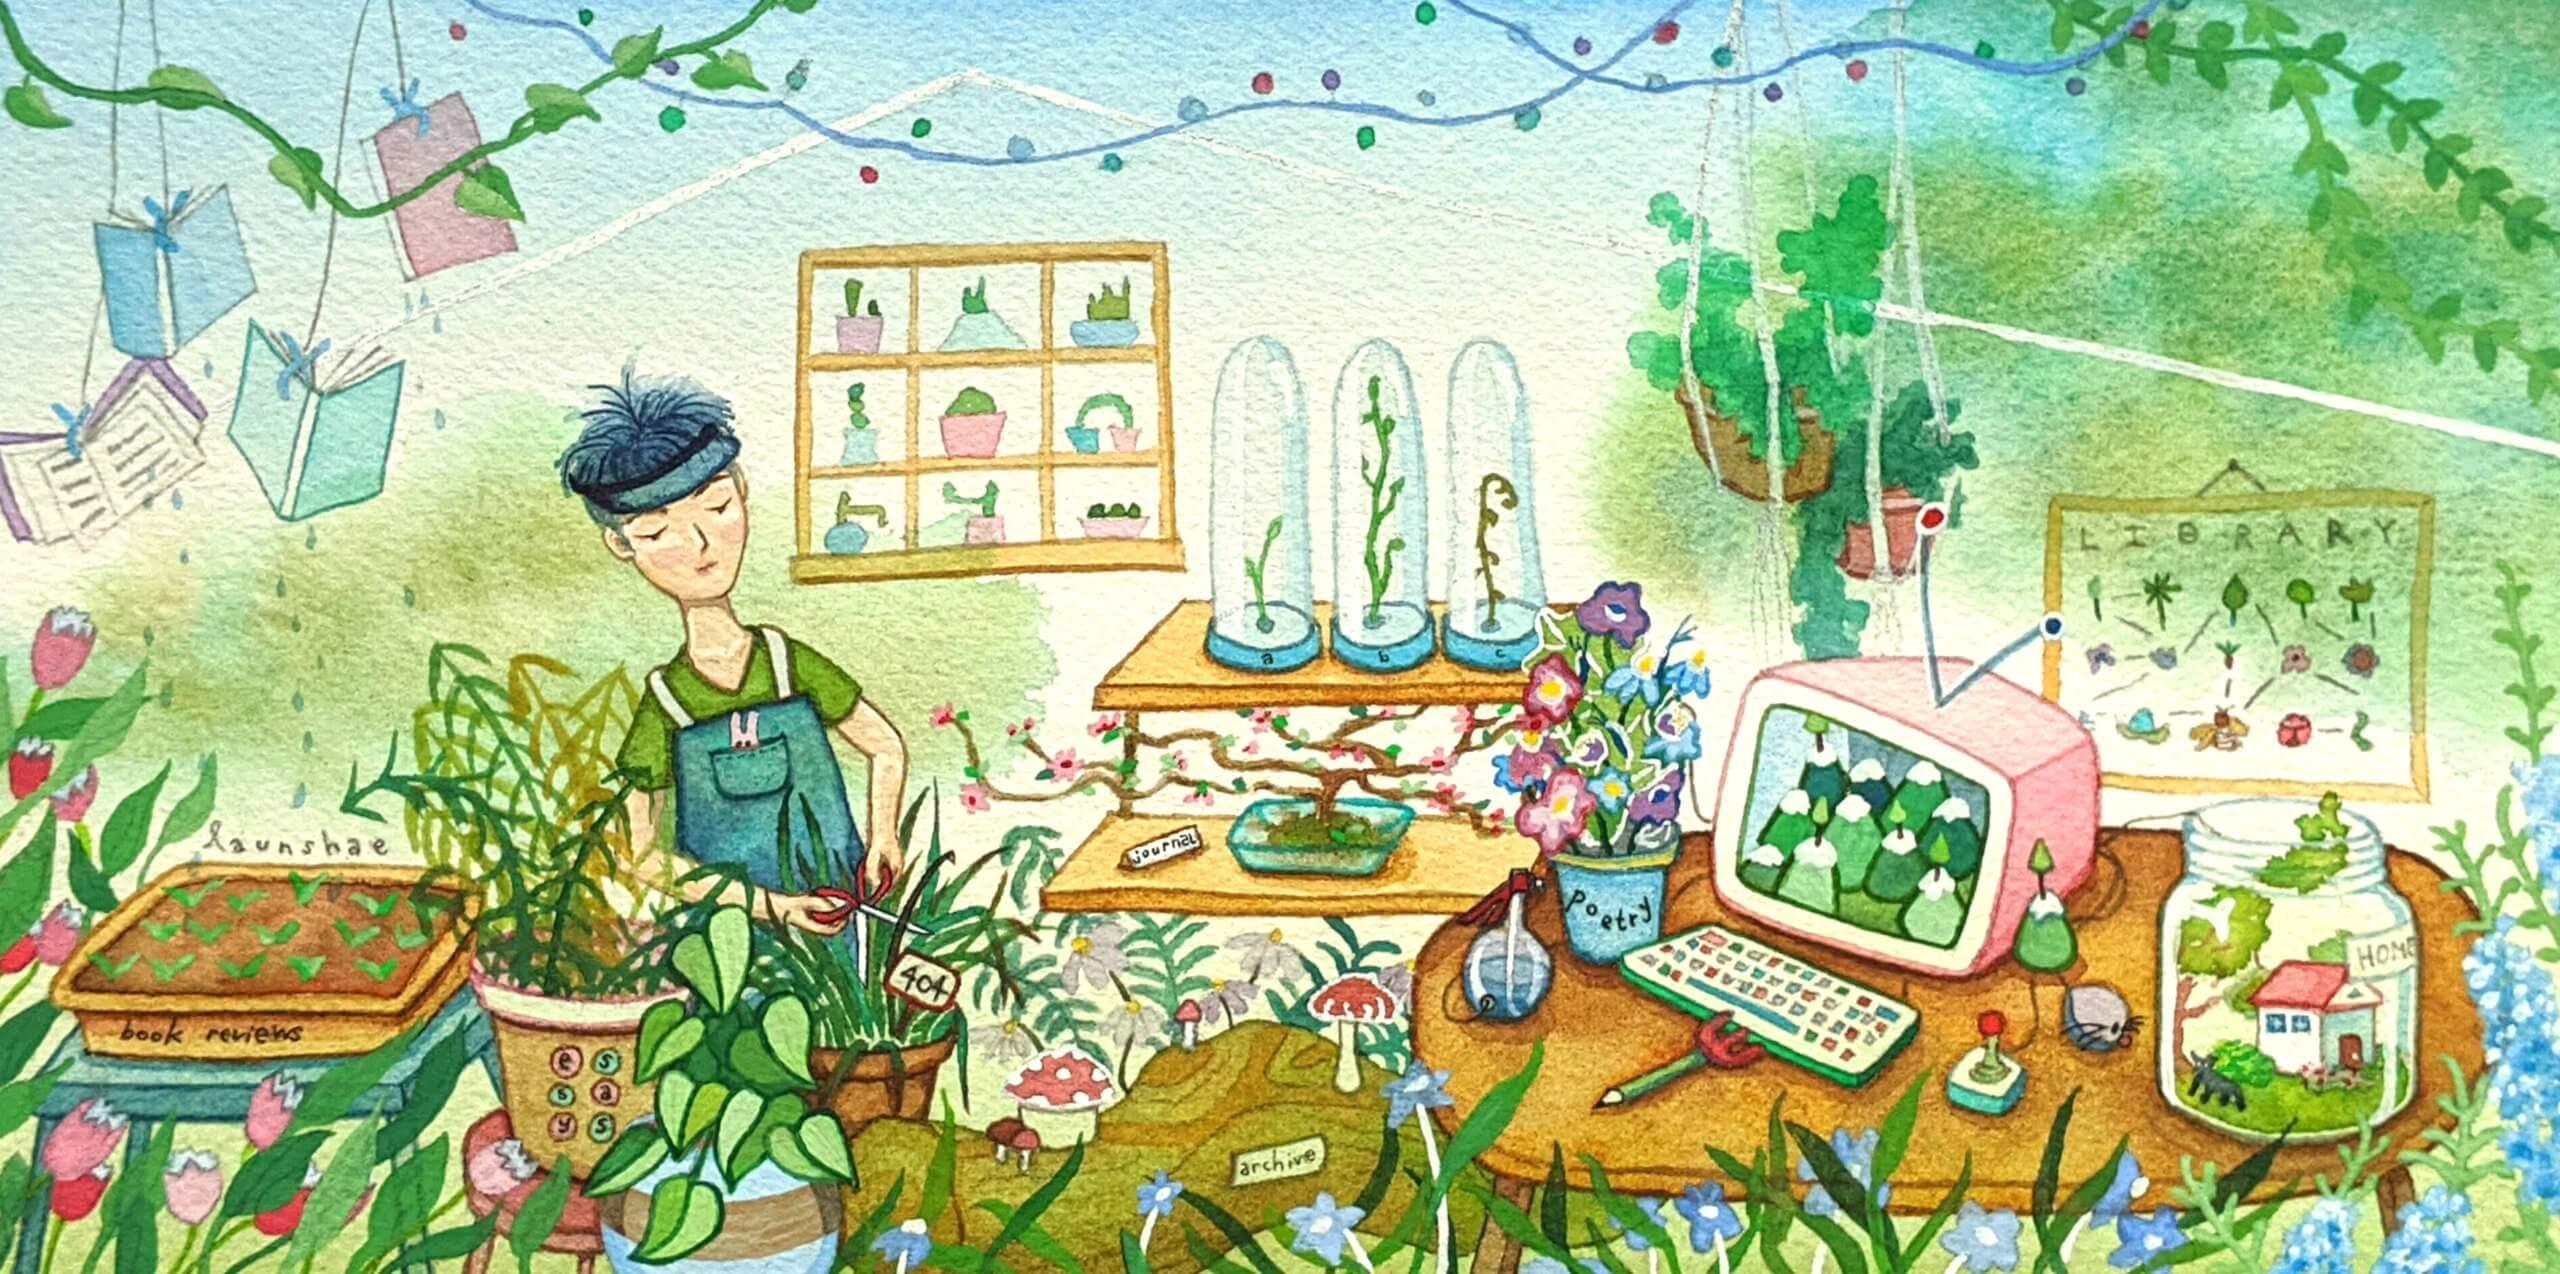 Winnie Lim's garden